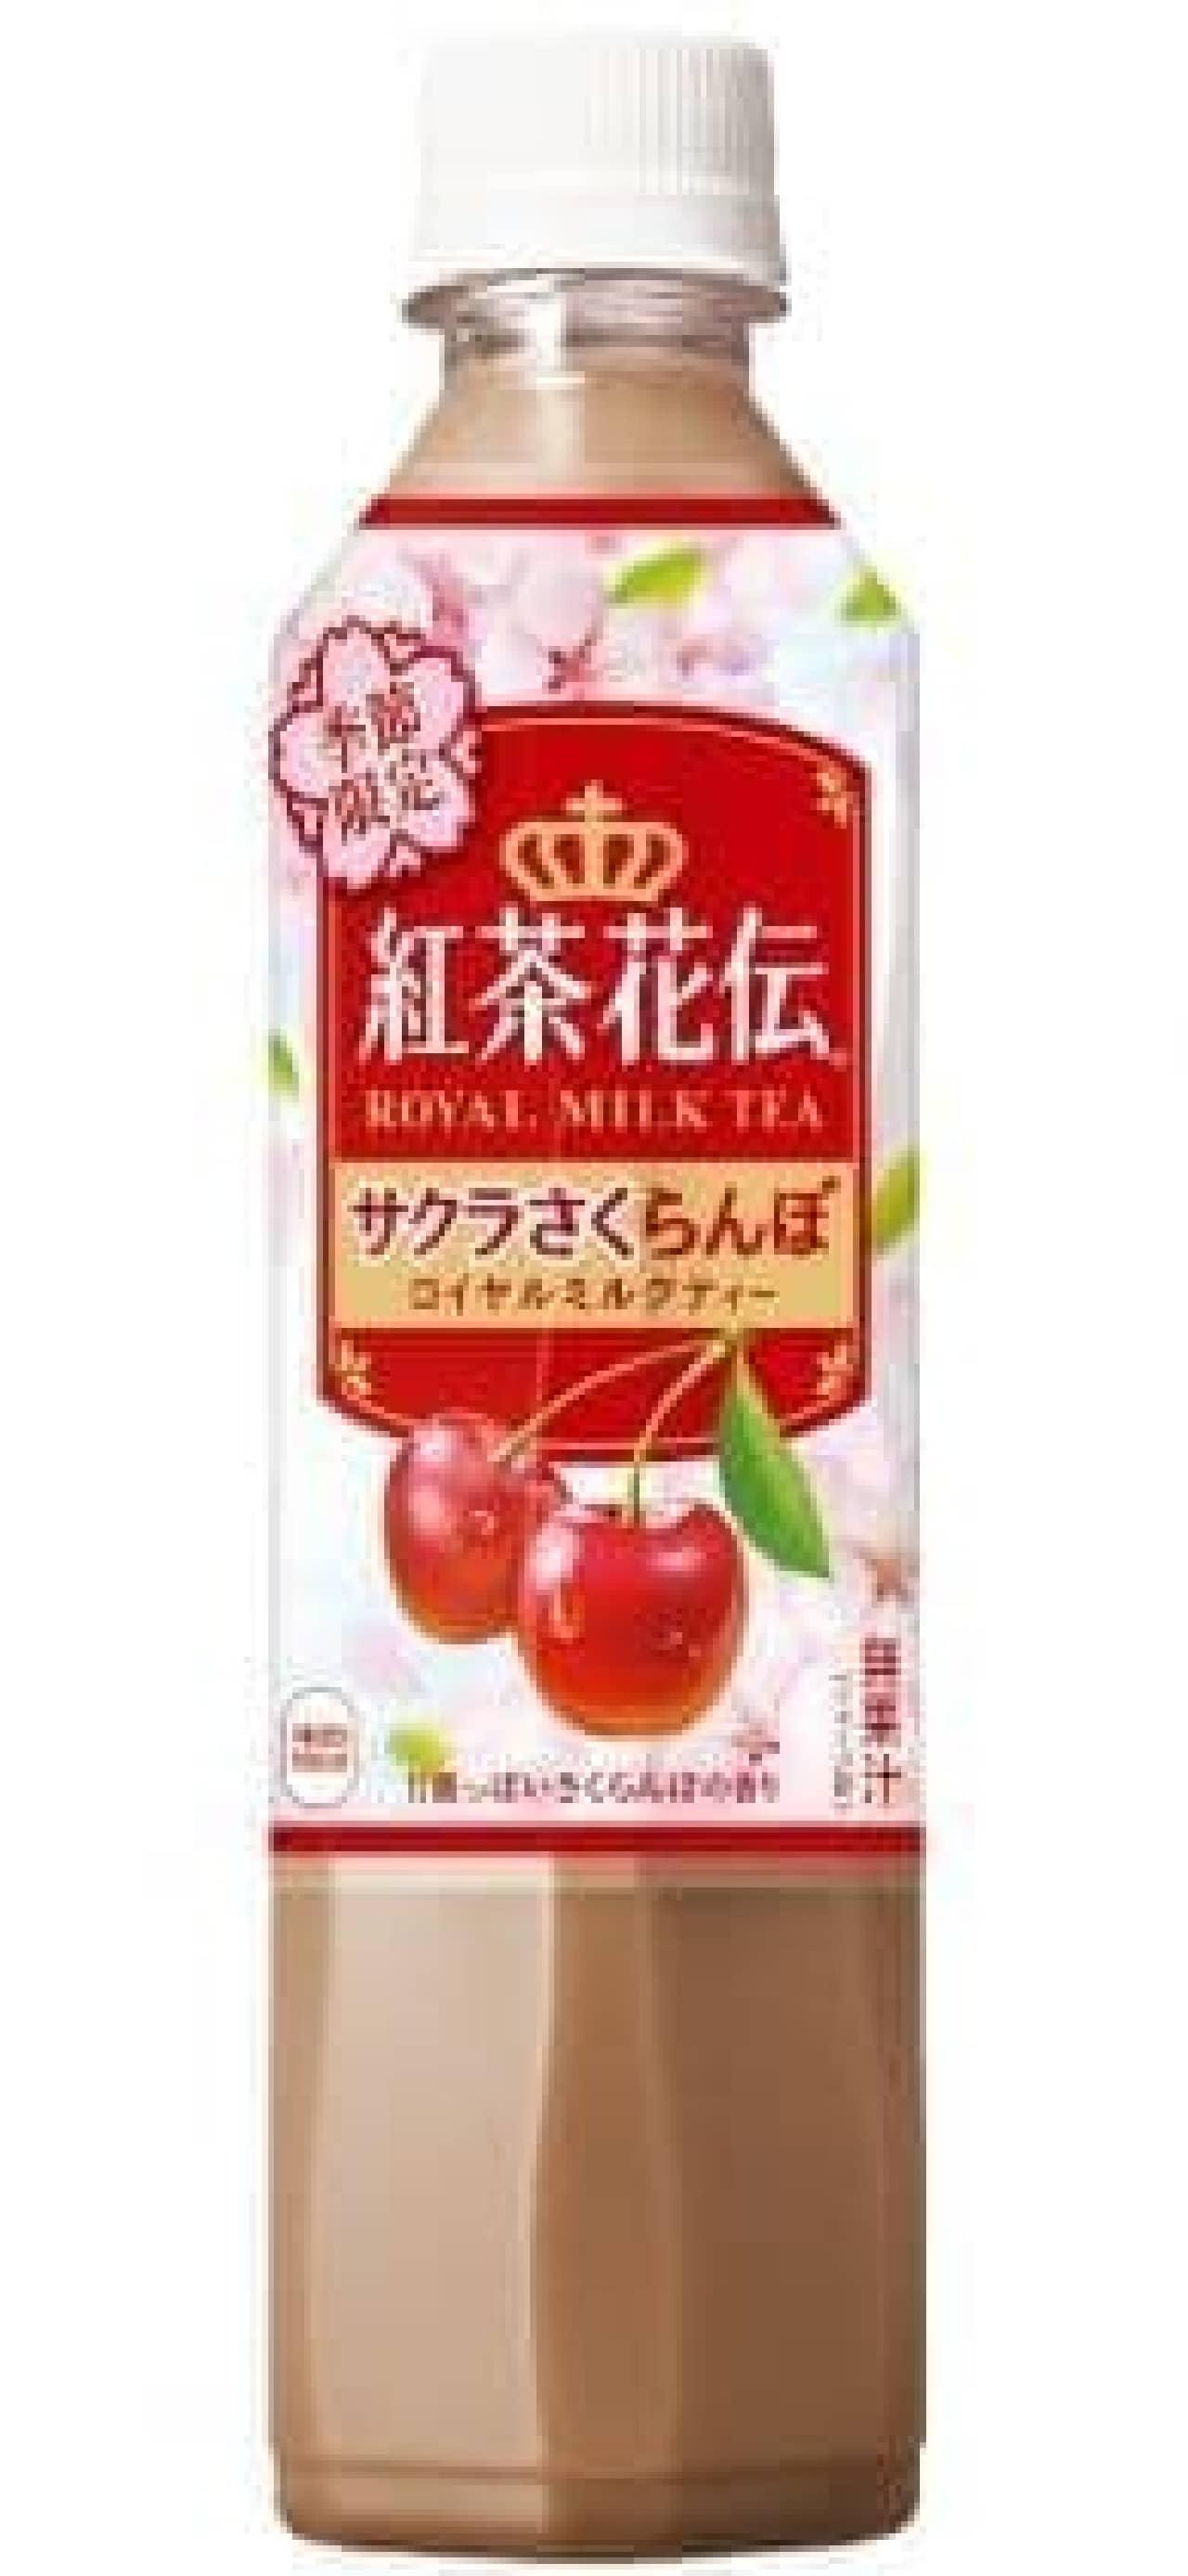 コカ・コーラシステム「紅茶花伝 サクラさくらんぼ ロイヤルミルクティー」